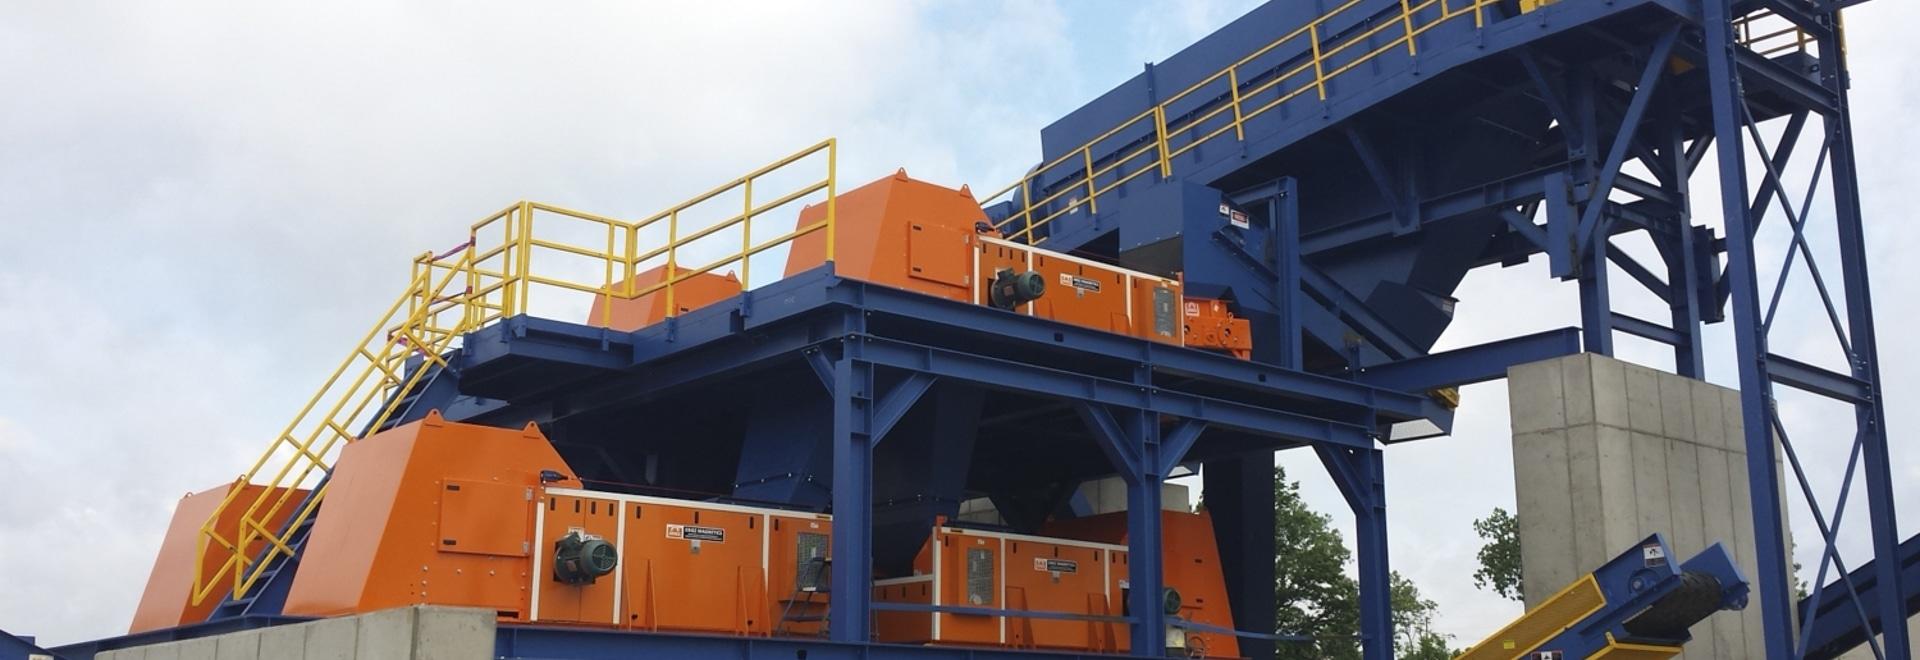 Installation du système de récupération des métaux non ferreux RCS